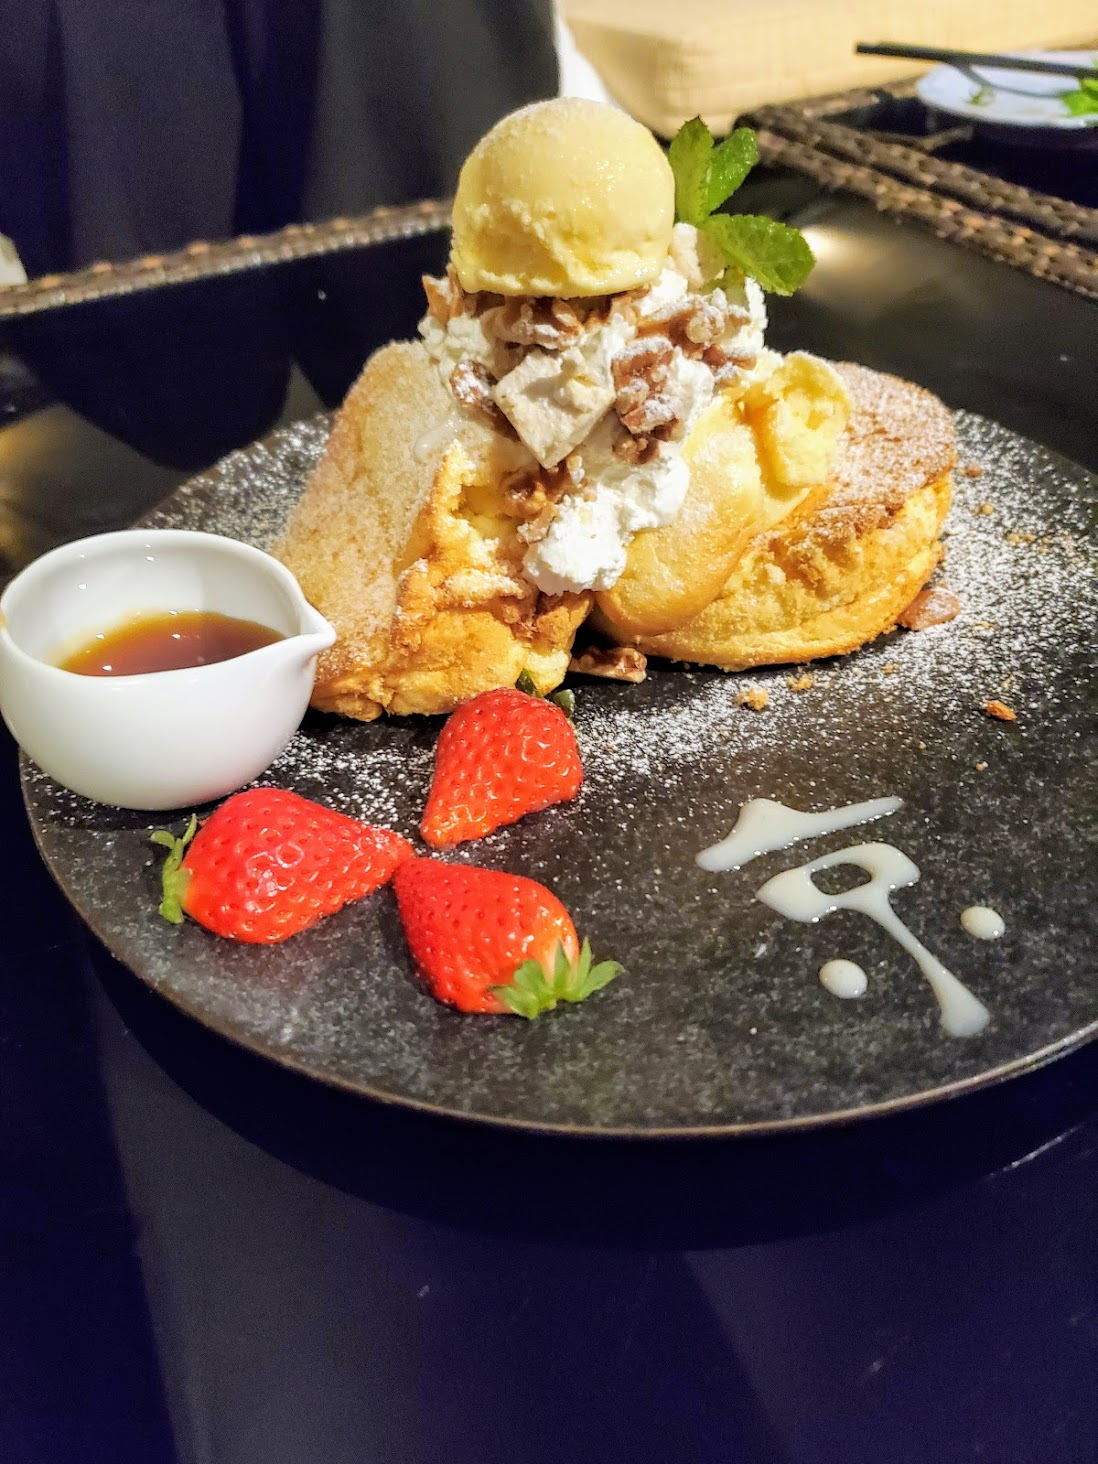 京ひろ 内装 景色 食事